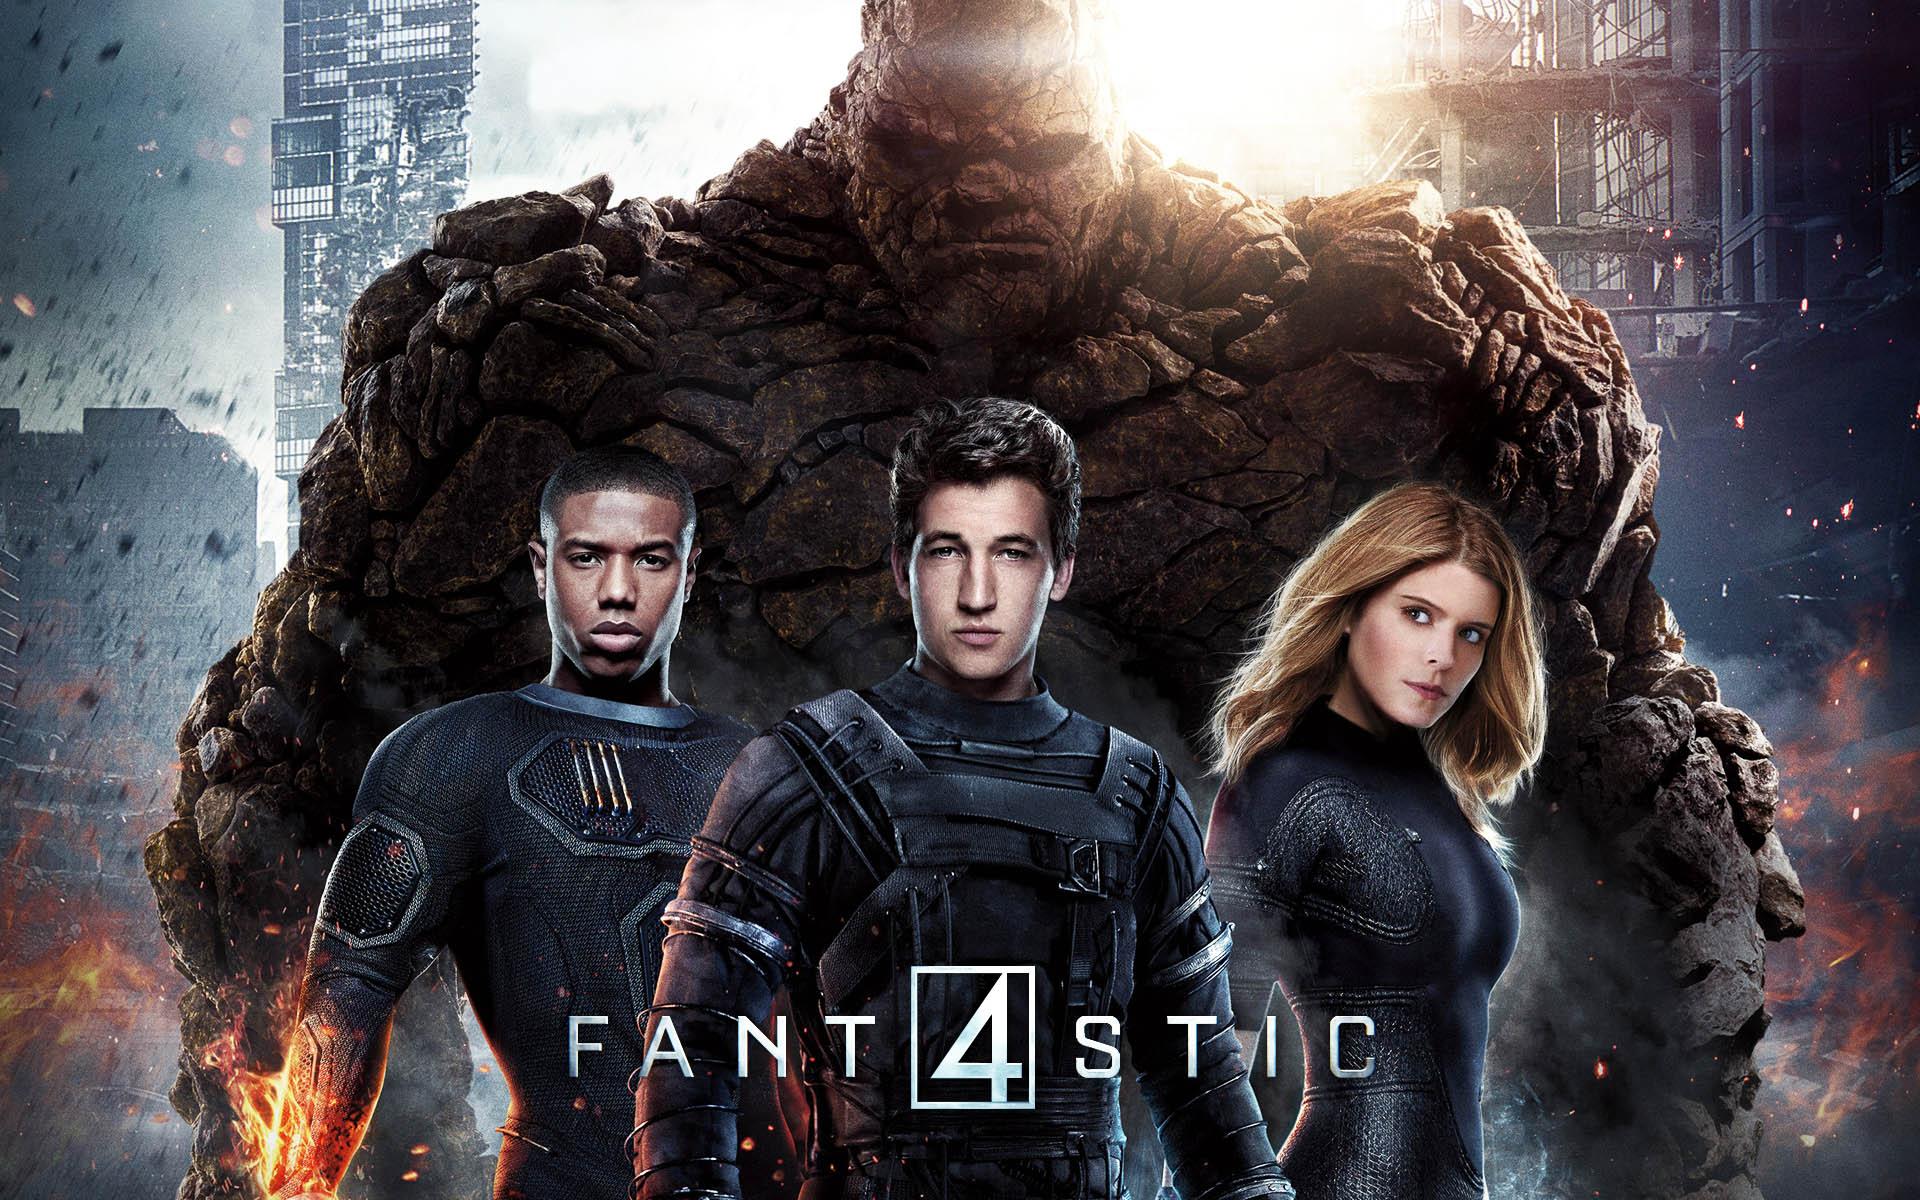 Fantastic 4 release date